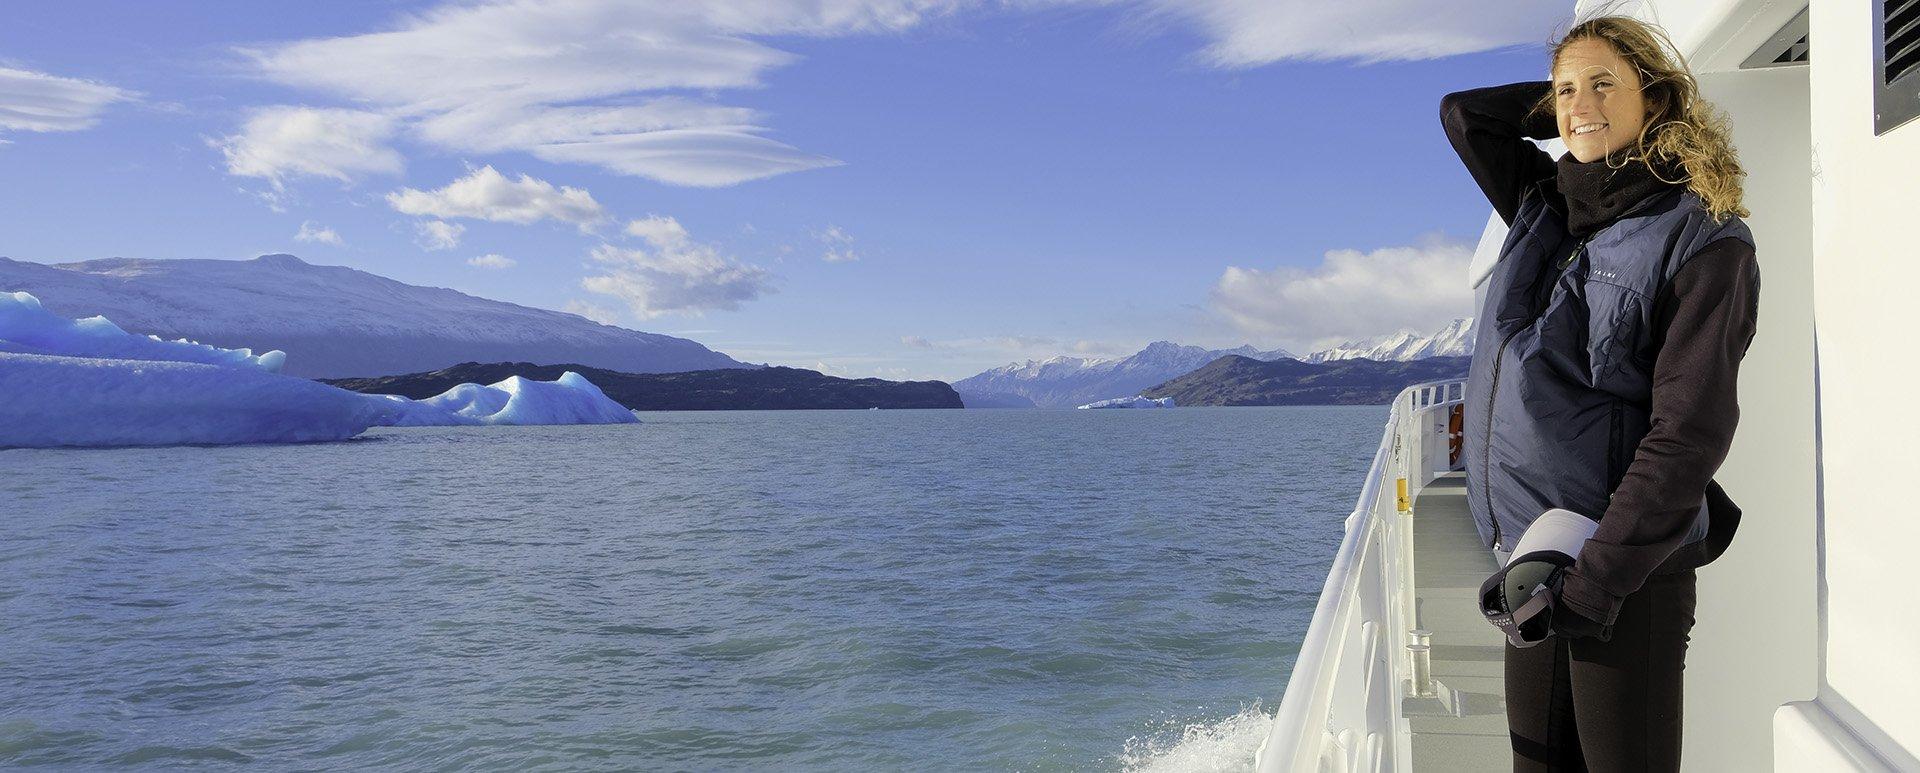 Australis Patagonia Cruise